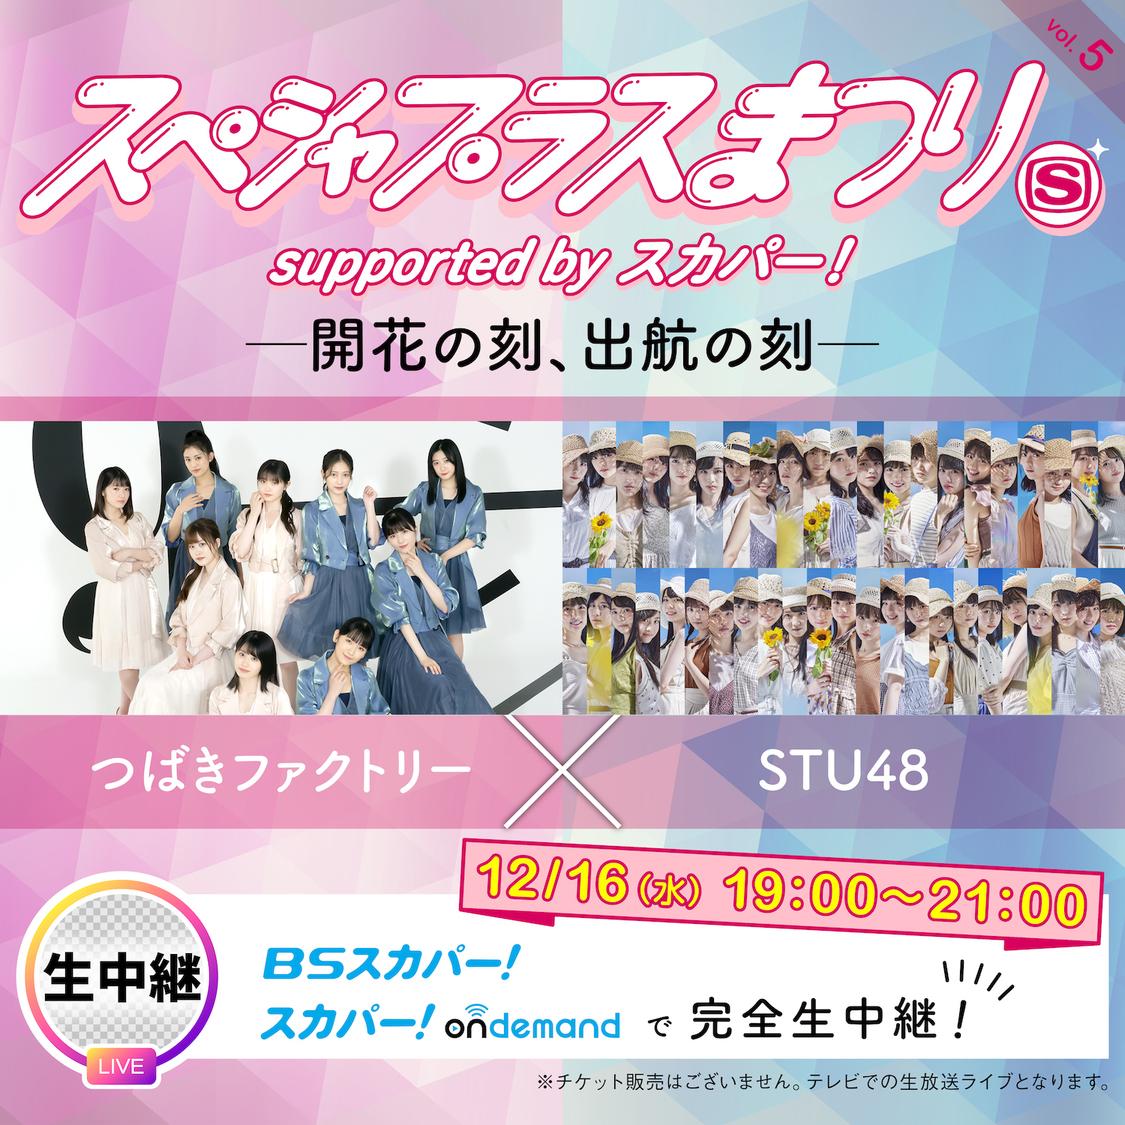 つばきファクトリー&STU48、スペシャTVプラス主催イベントで初対バン決定!